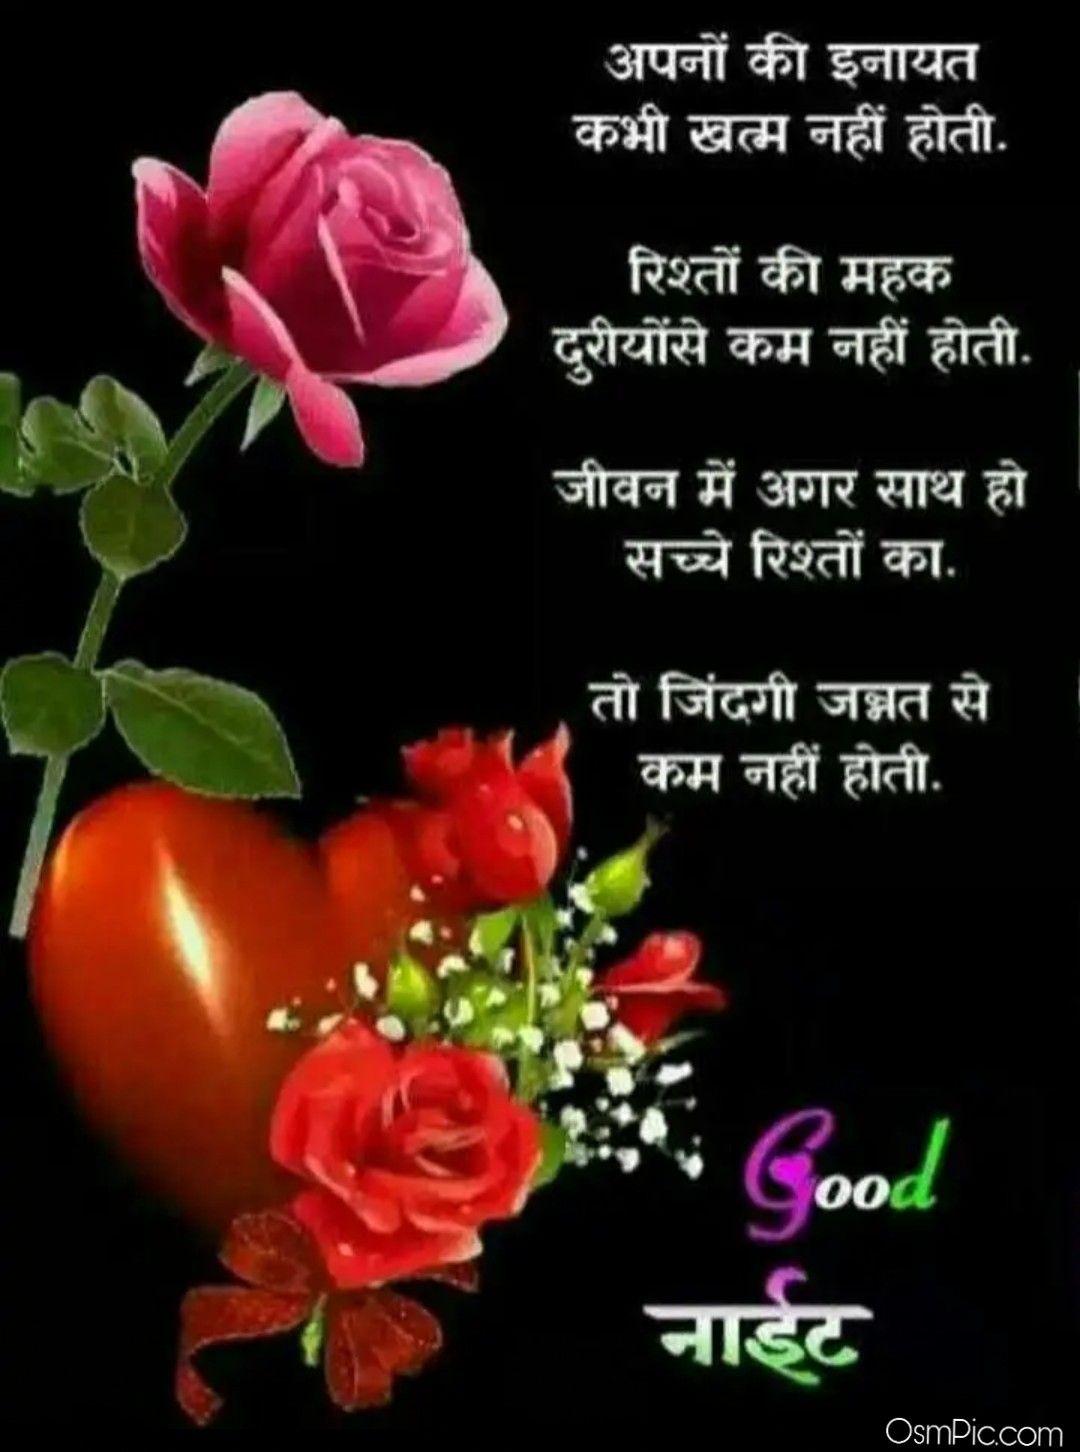 Good Night Images Hindi Me Download Kare Good Night Hindi Beautiful Good Night Images Good Night Hindi Quotes